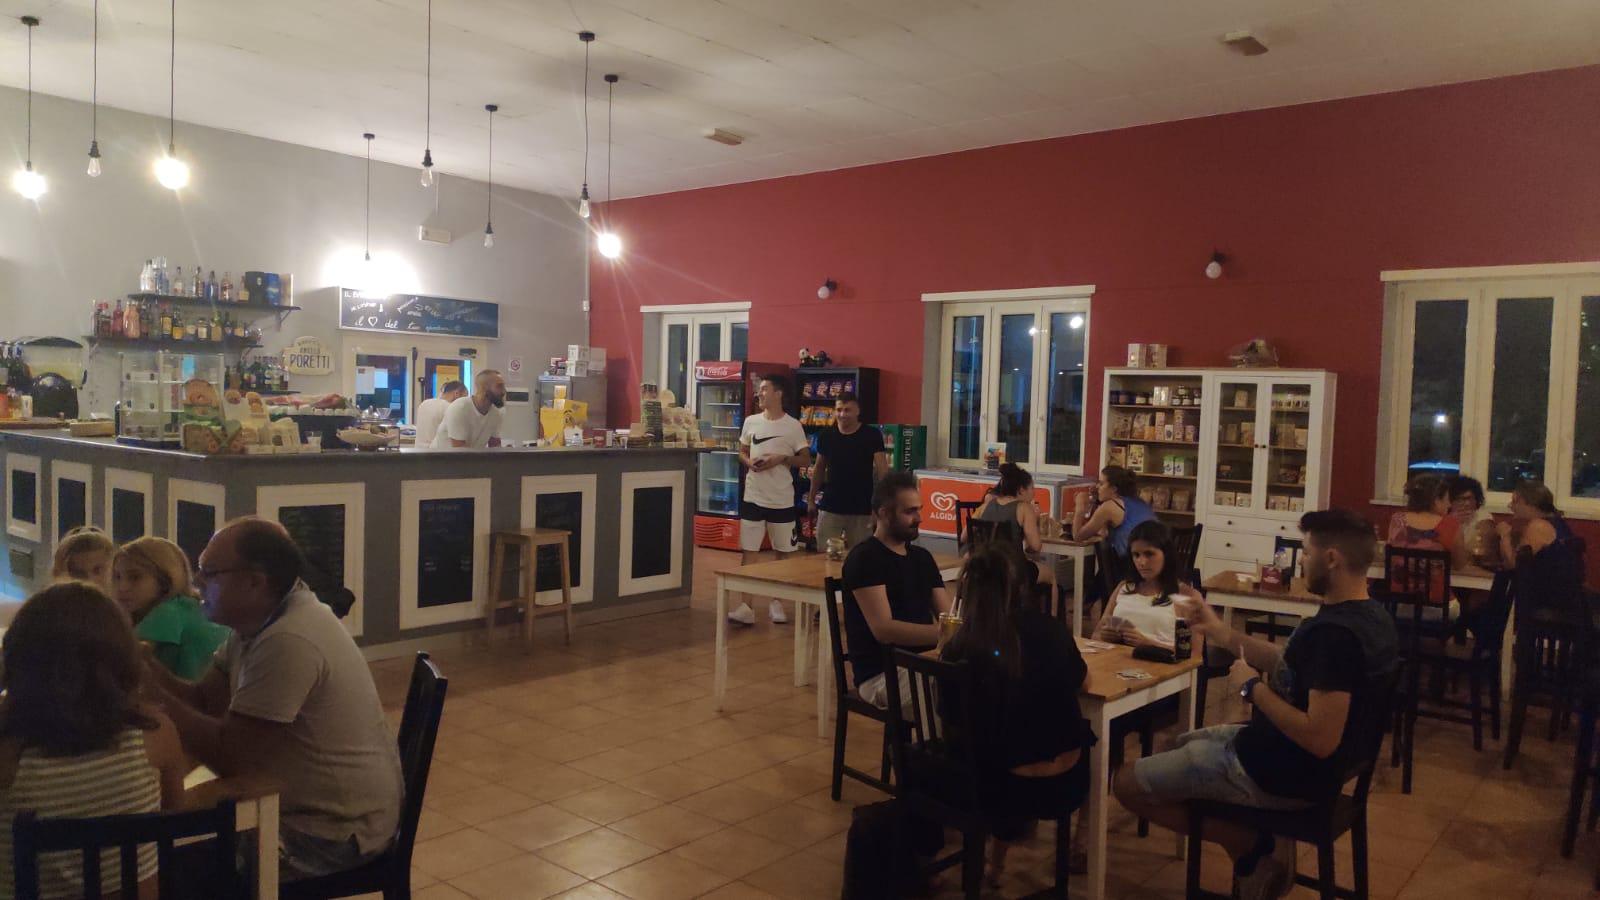 Al Baretto Torino, interno del locale di sera: bancone del bar con baristi che parlano con i clienti e tavoli con gente seduta - Cooperativa Sociale Raggio